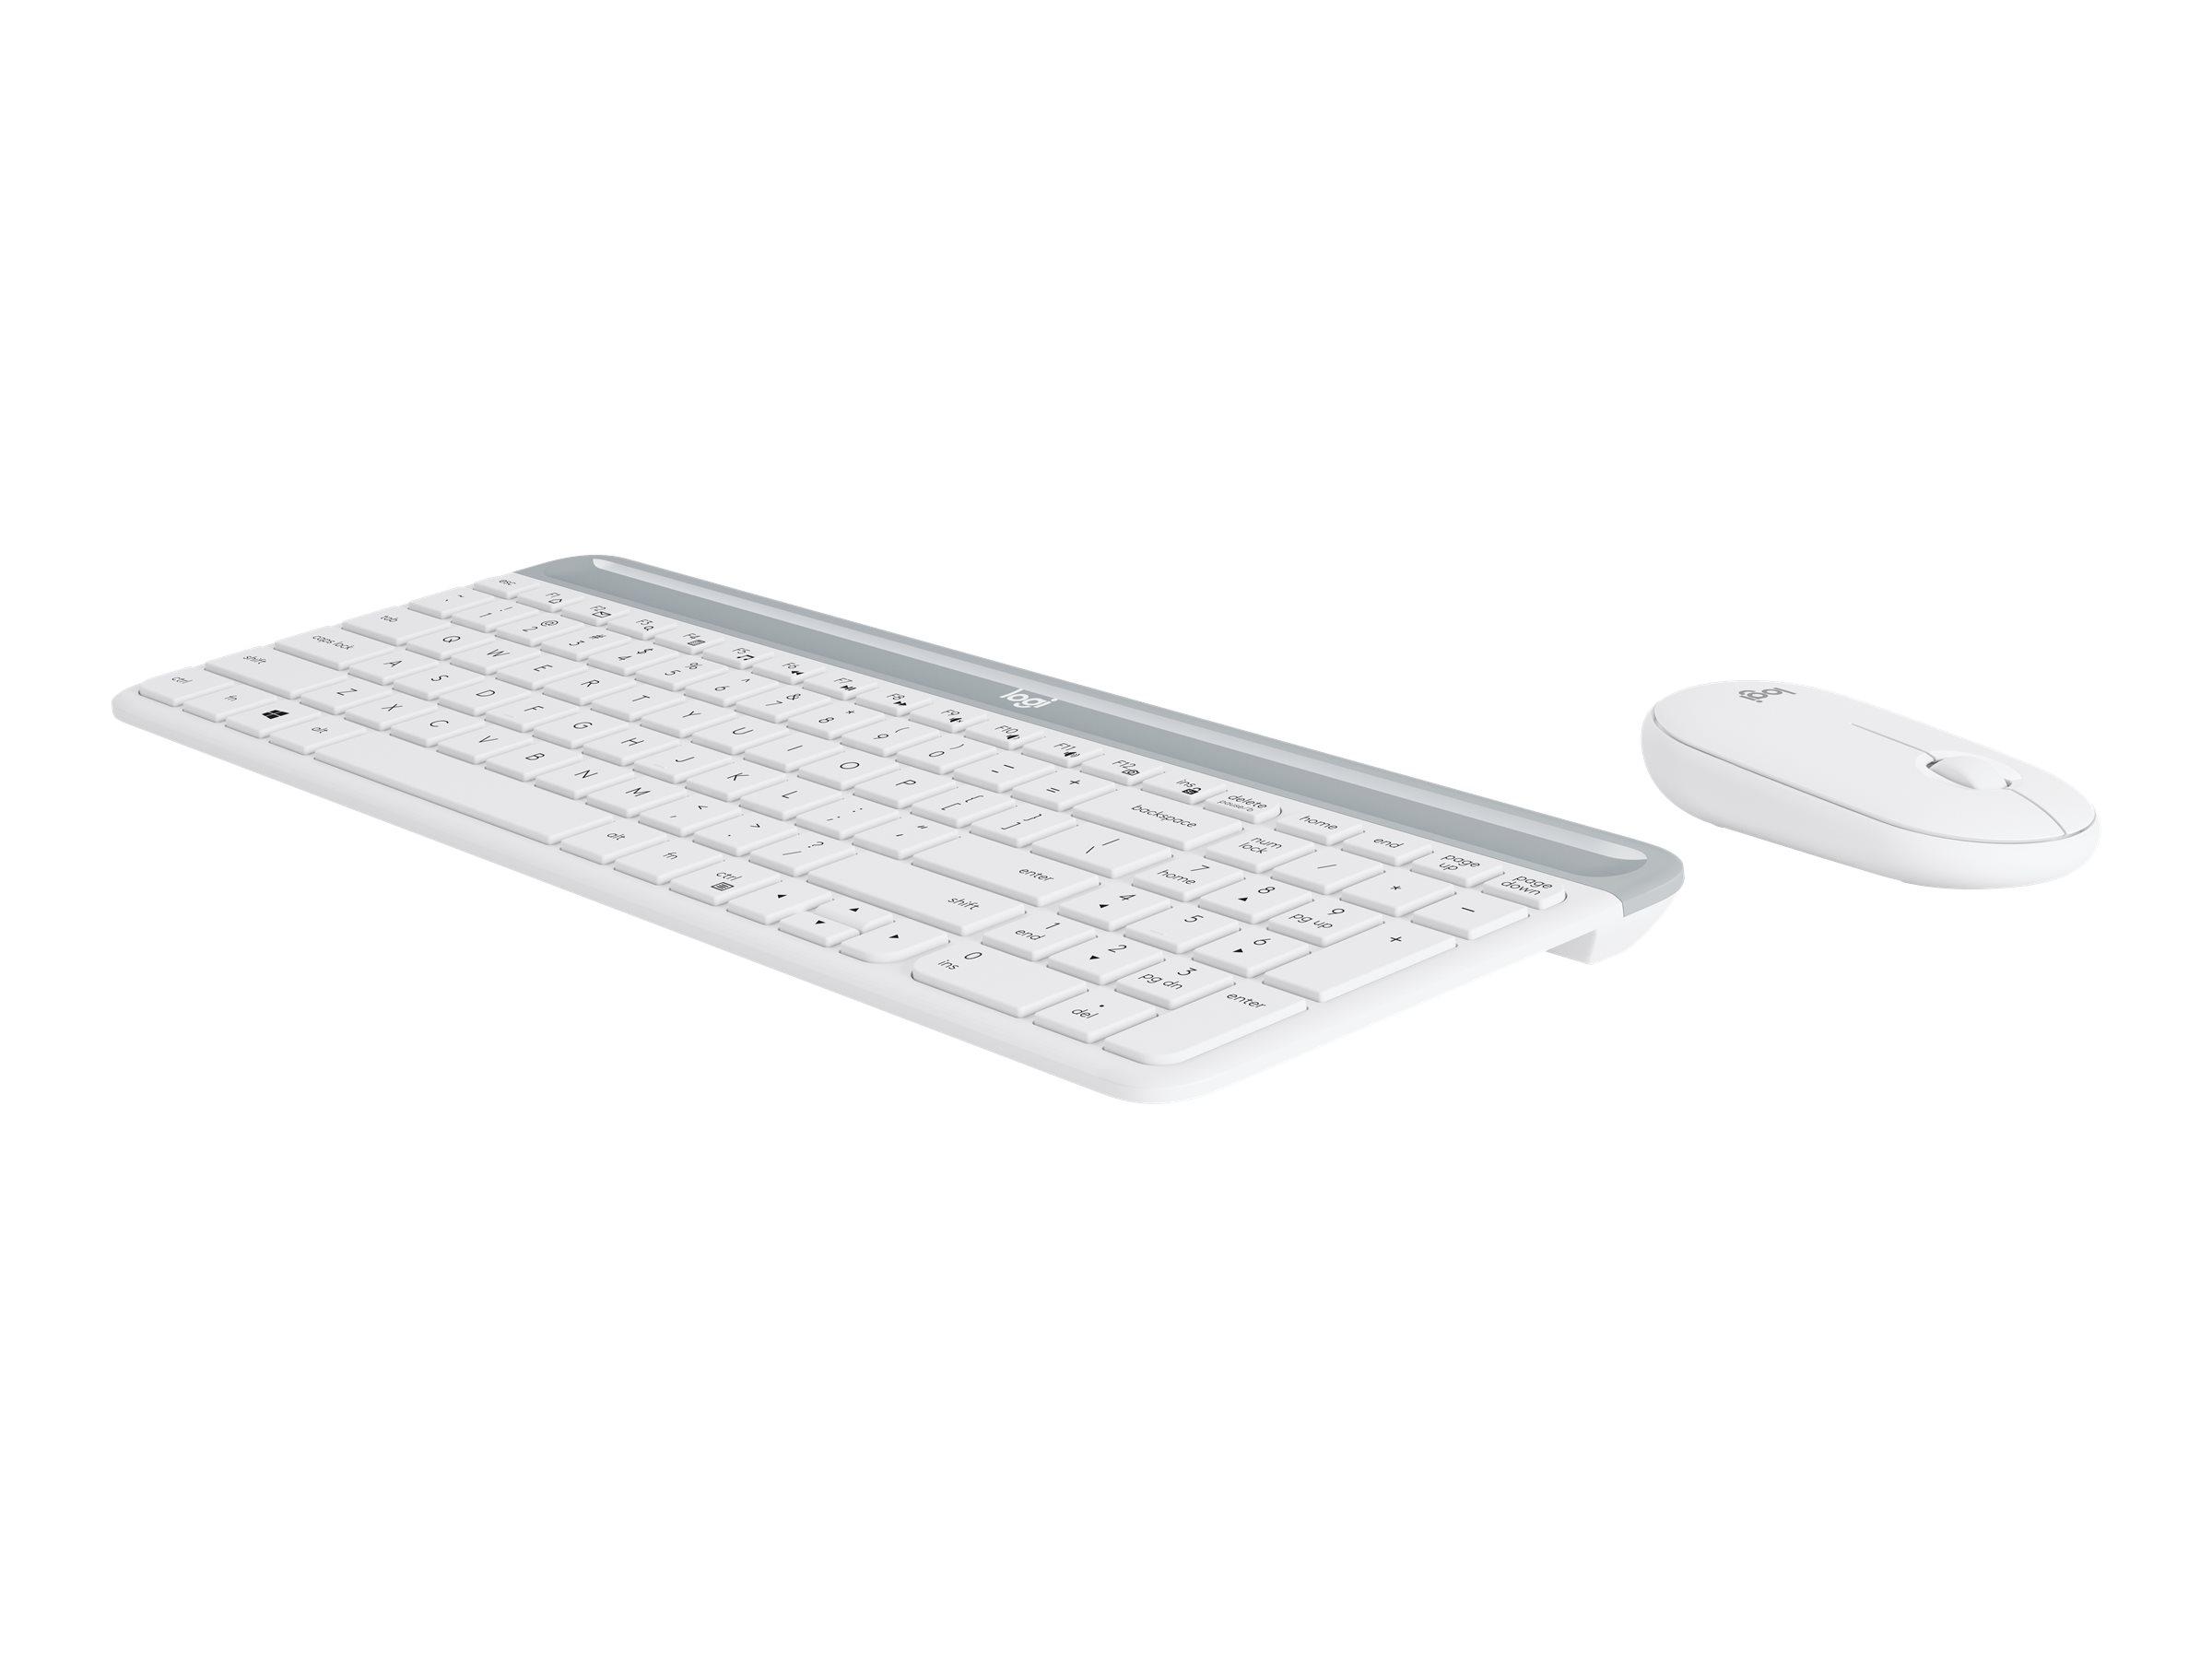 Logitech Slim Wireless Combo MK470 - Tastatur-und-Maus-Set - kabellos - 2.4 GHz - Chinesisch - Off-White